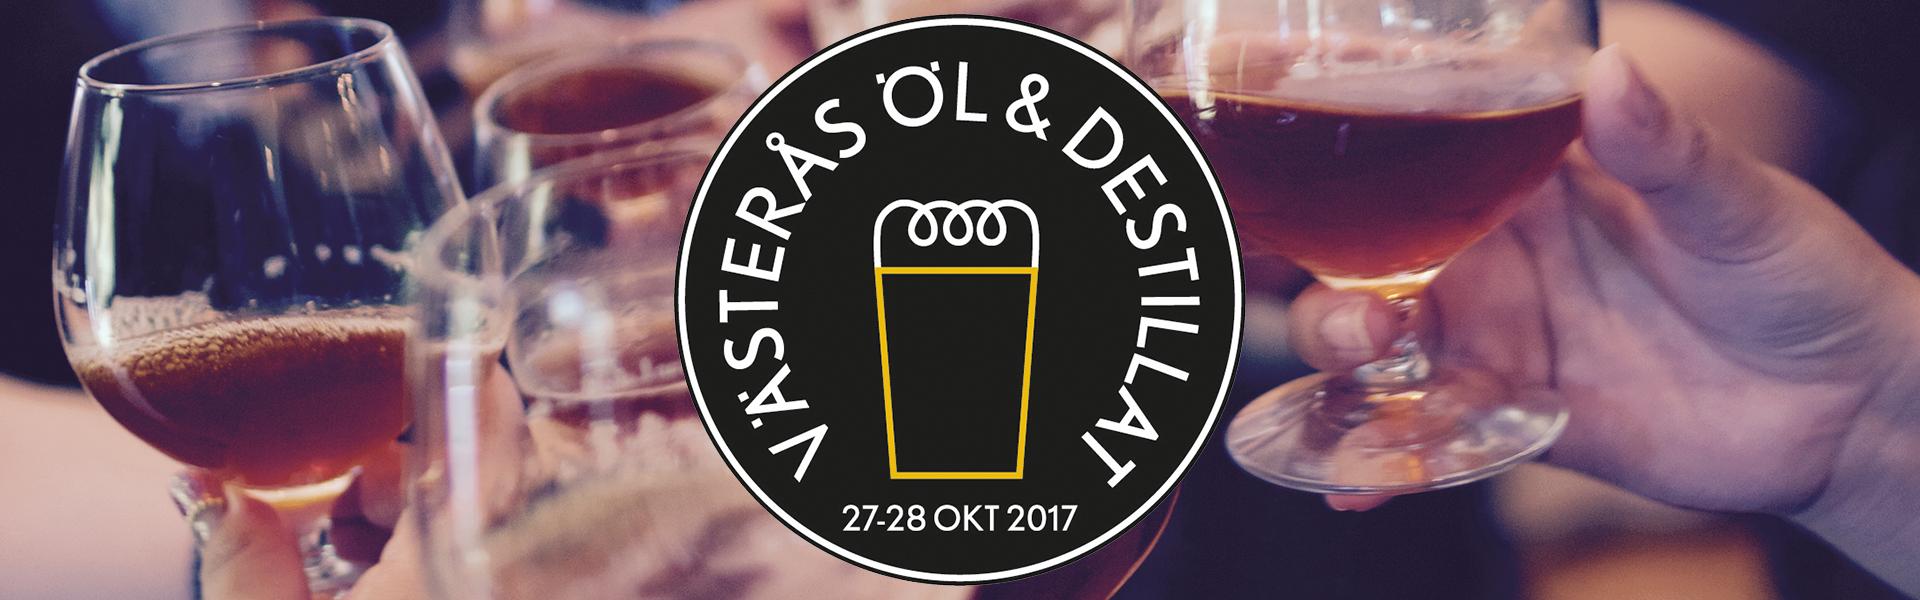 TOMP på Västerås Öl & Destillat.